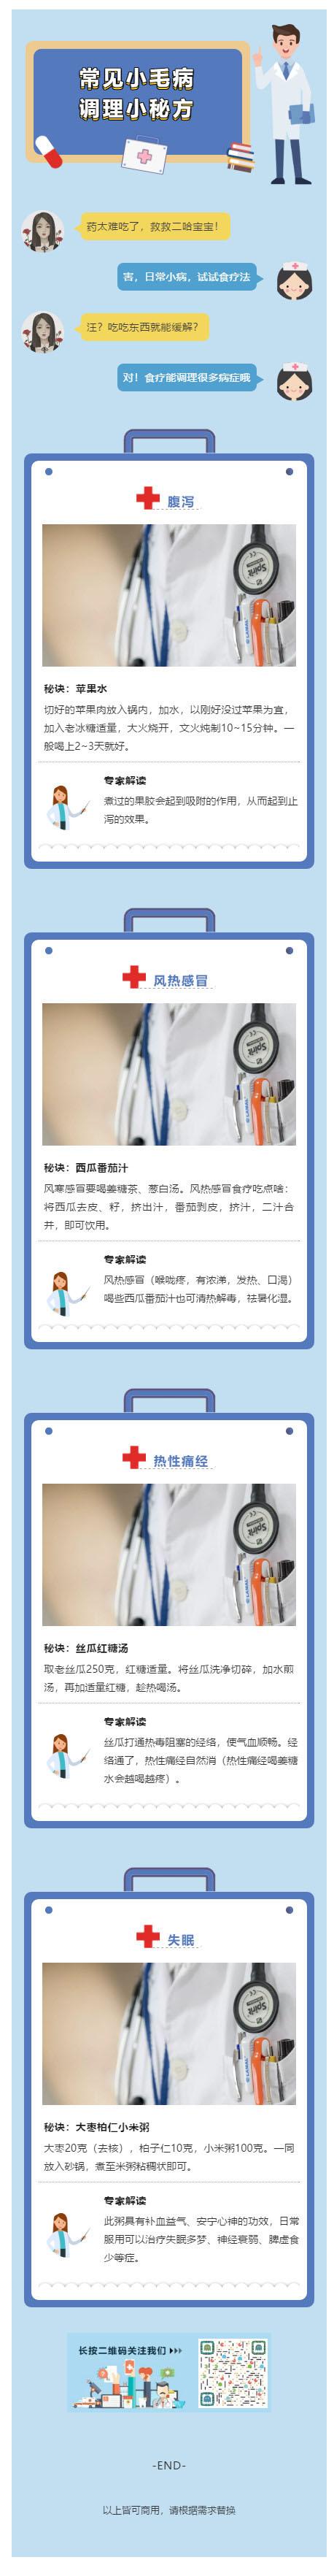 2019新型冠状病毒肺炎医疗模板微信公众号推文素材推送文章模板